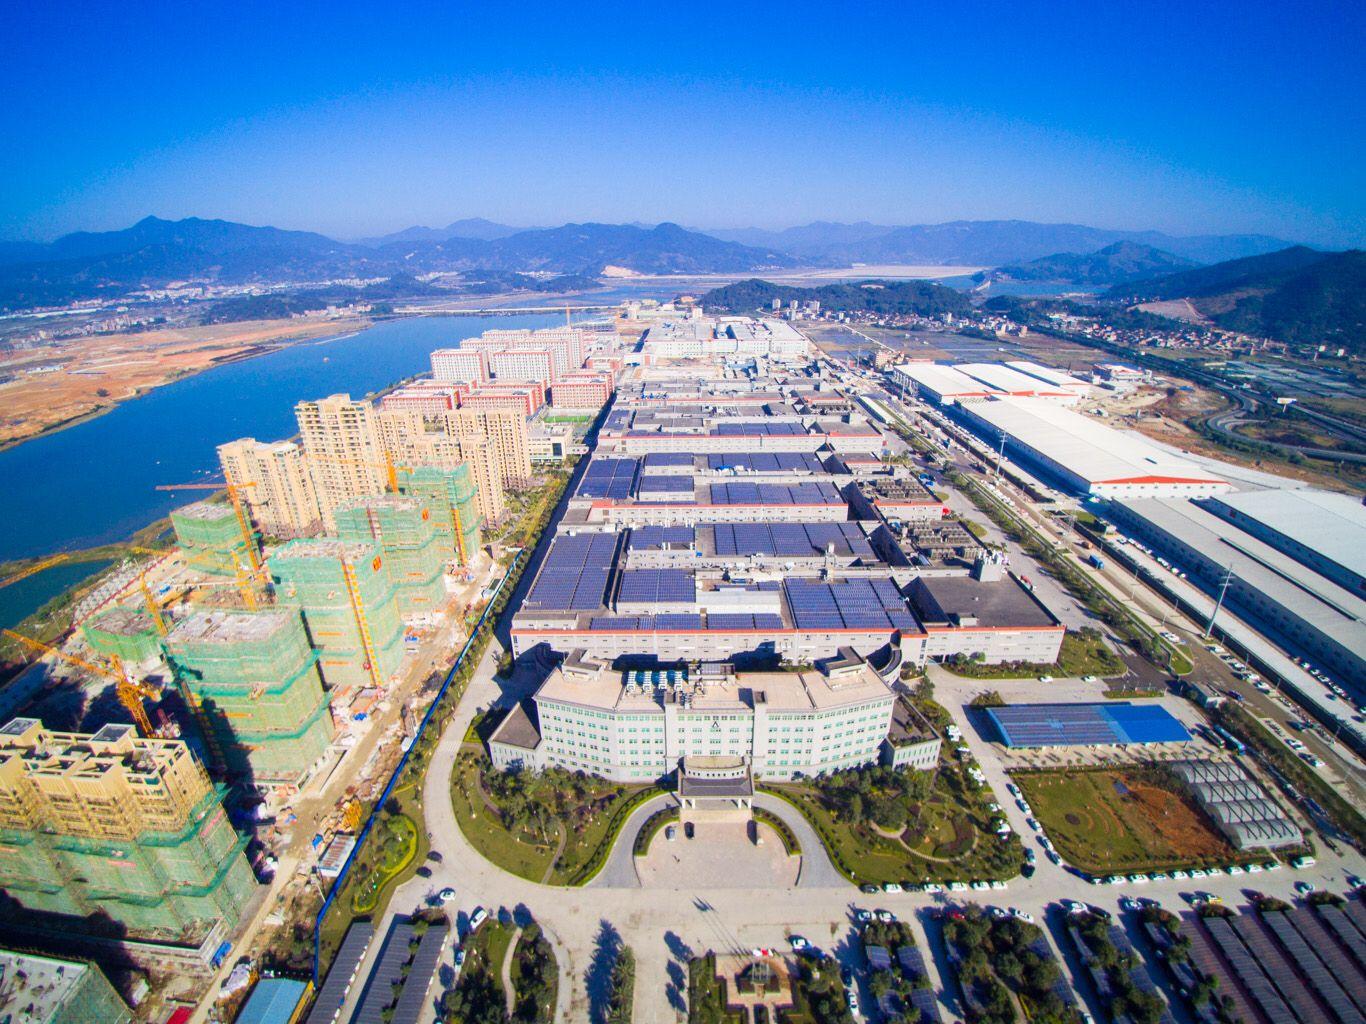 宁德时代拟5.48亿参设新能源基金 专投锂电及新能源汽车等领域